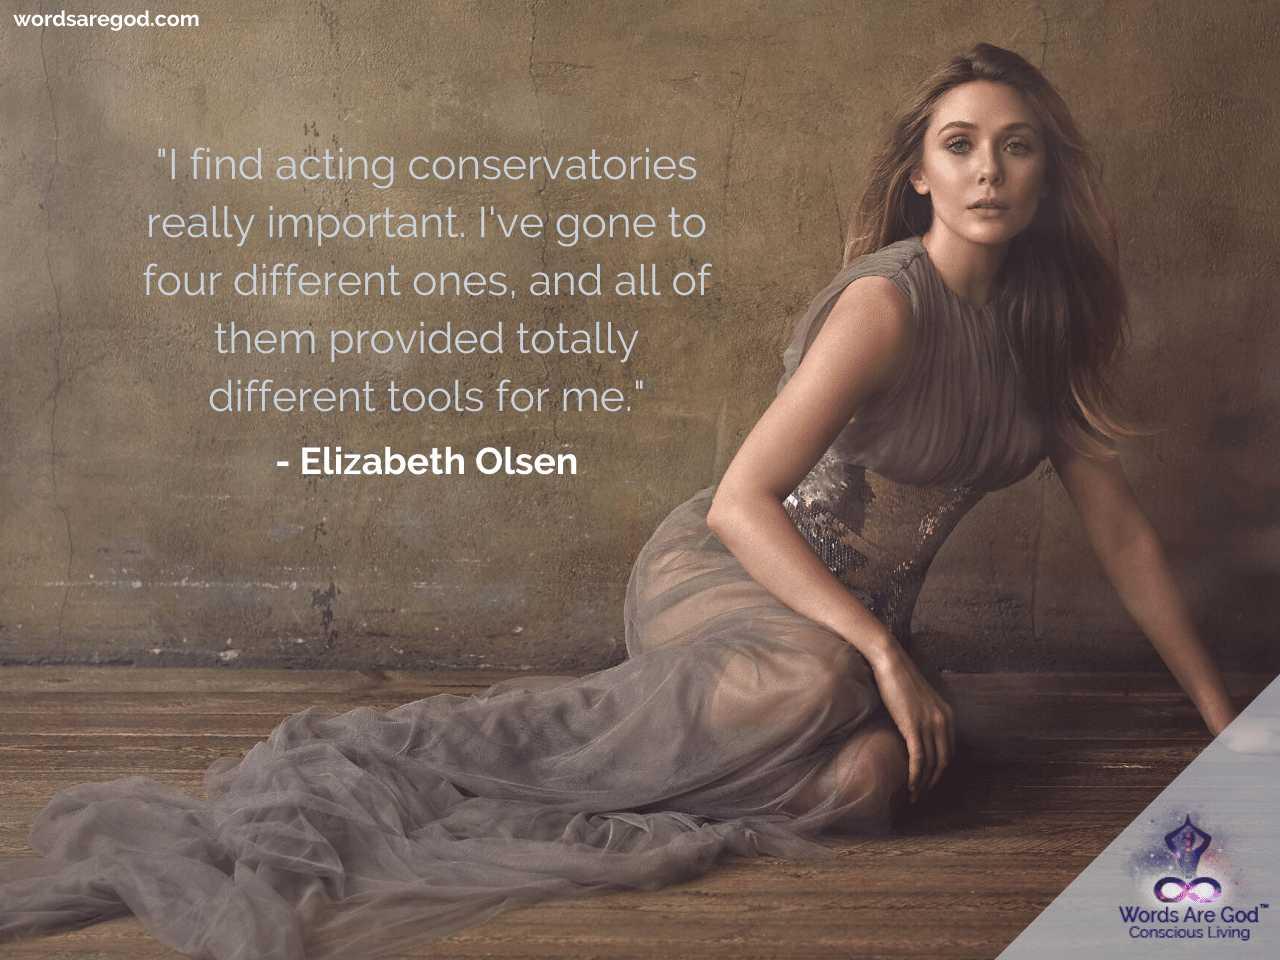 Elizabeth Olsen Life Quotes by Elizabeth Olsen